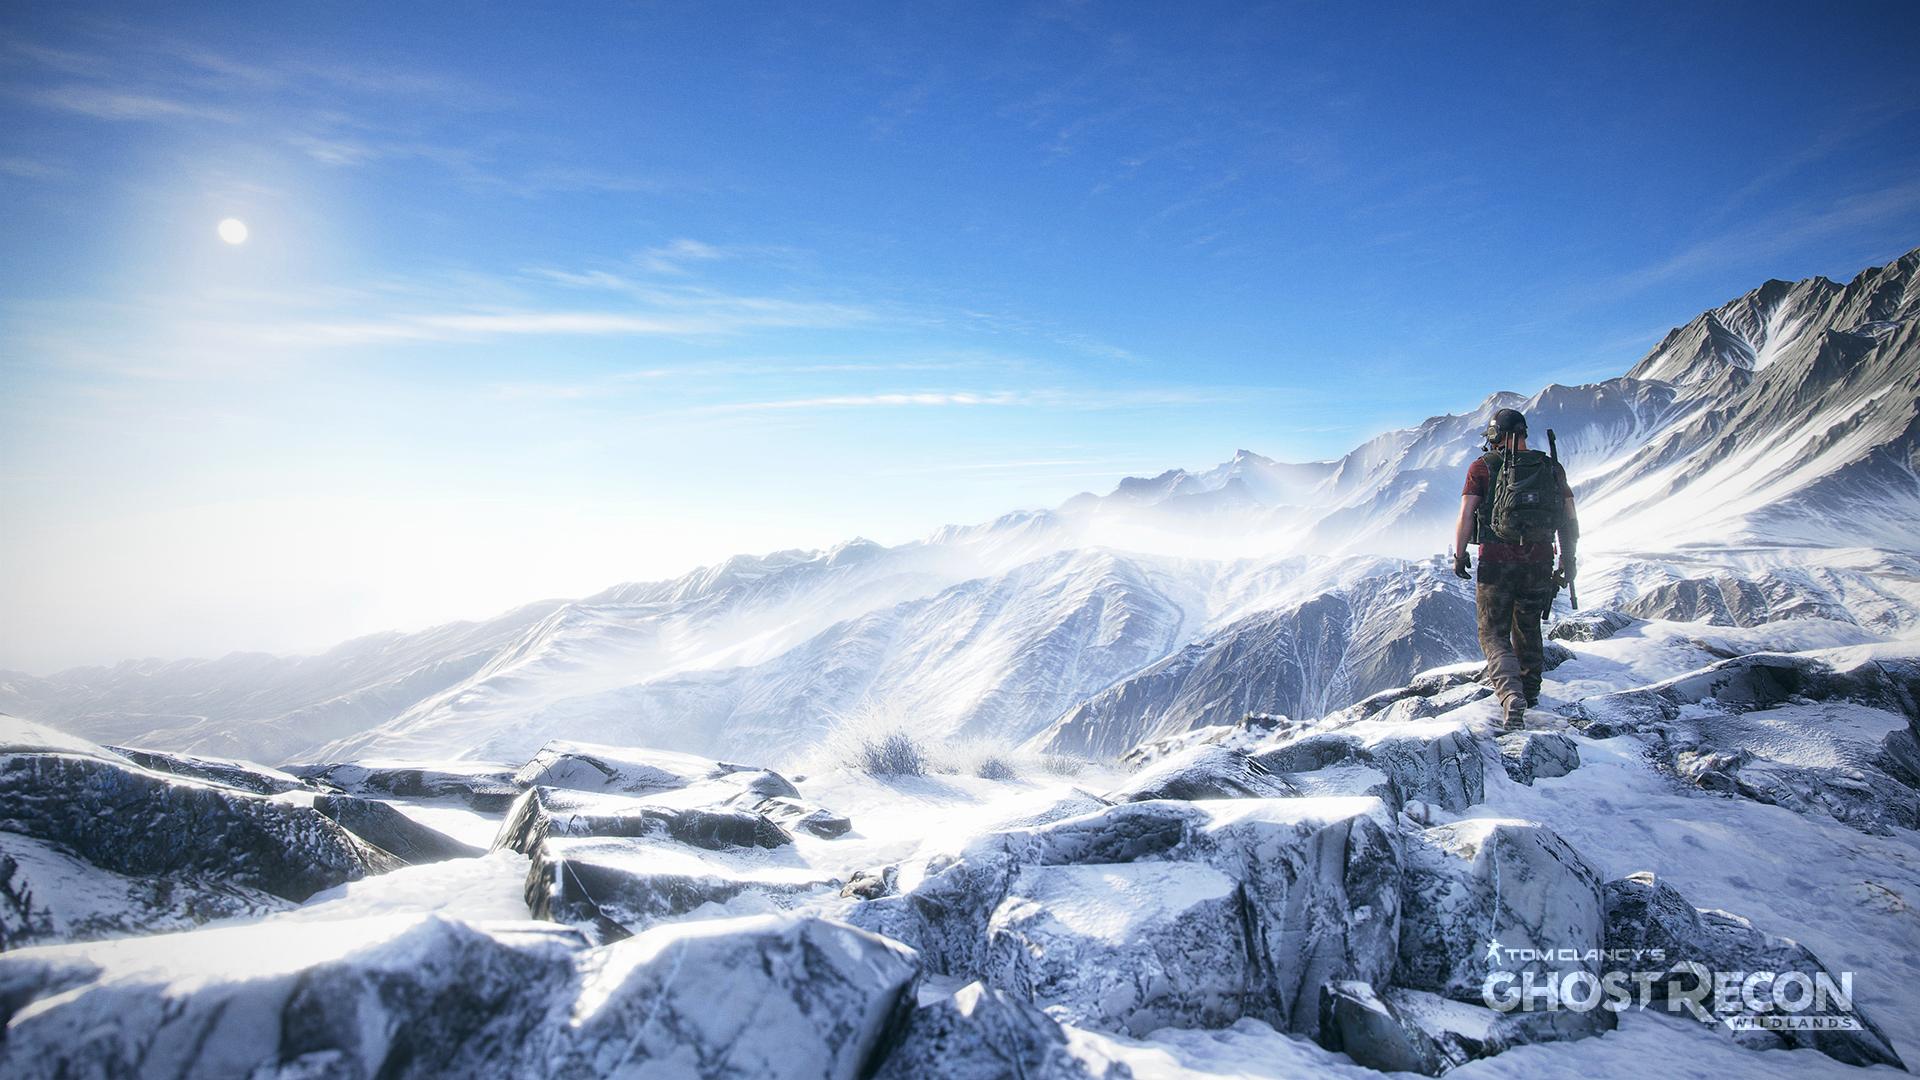 Překvapení E3: Ghost Recon v otevřeném prostředí 110234